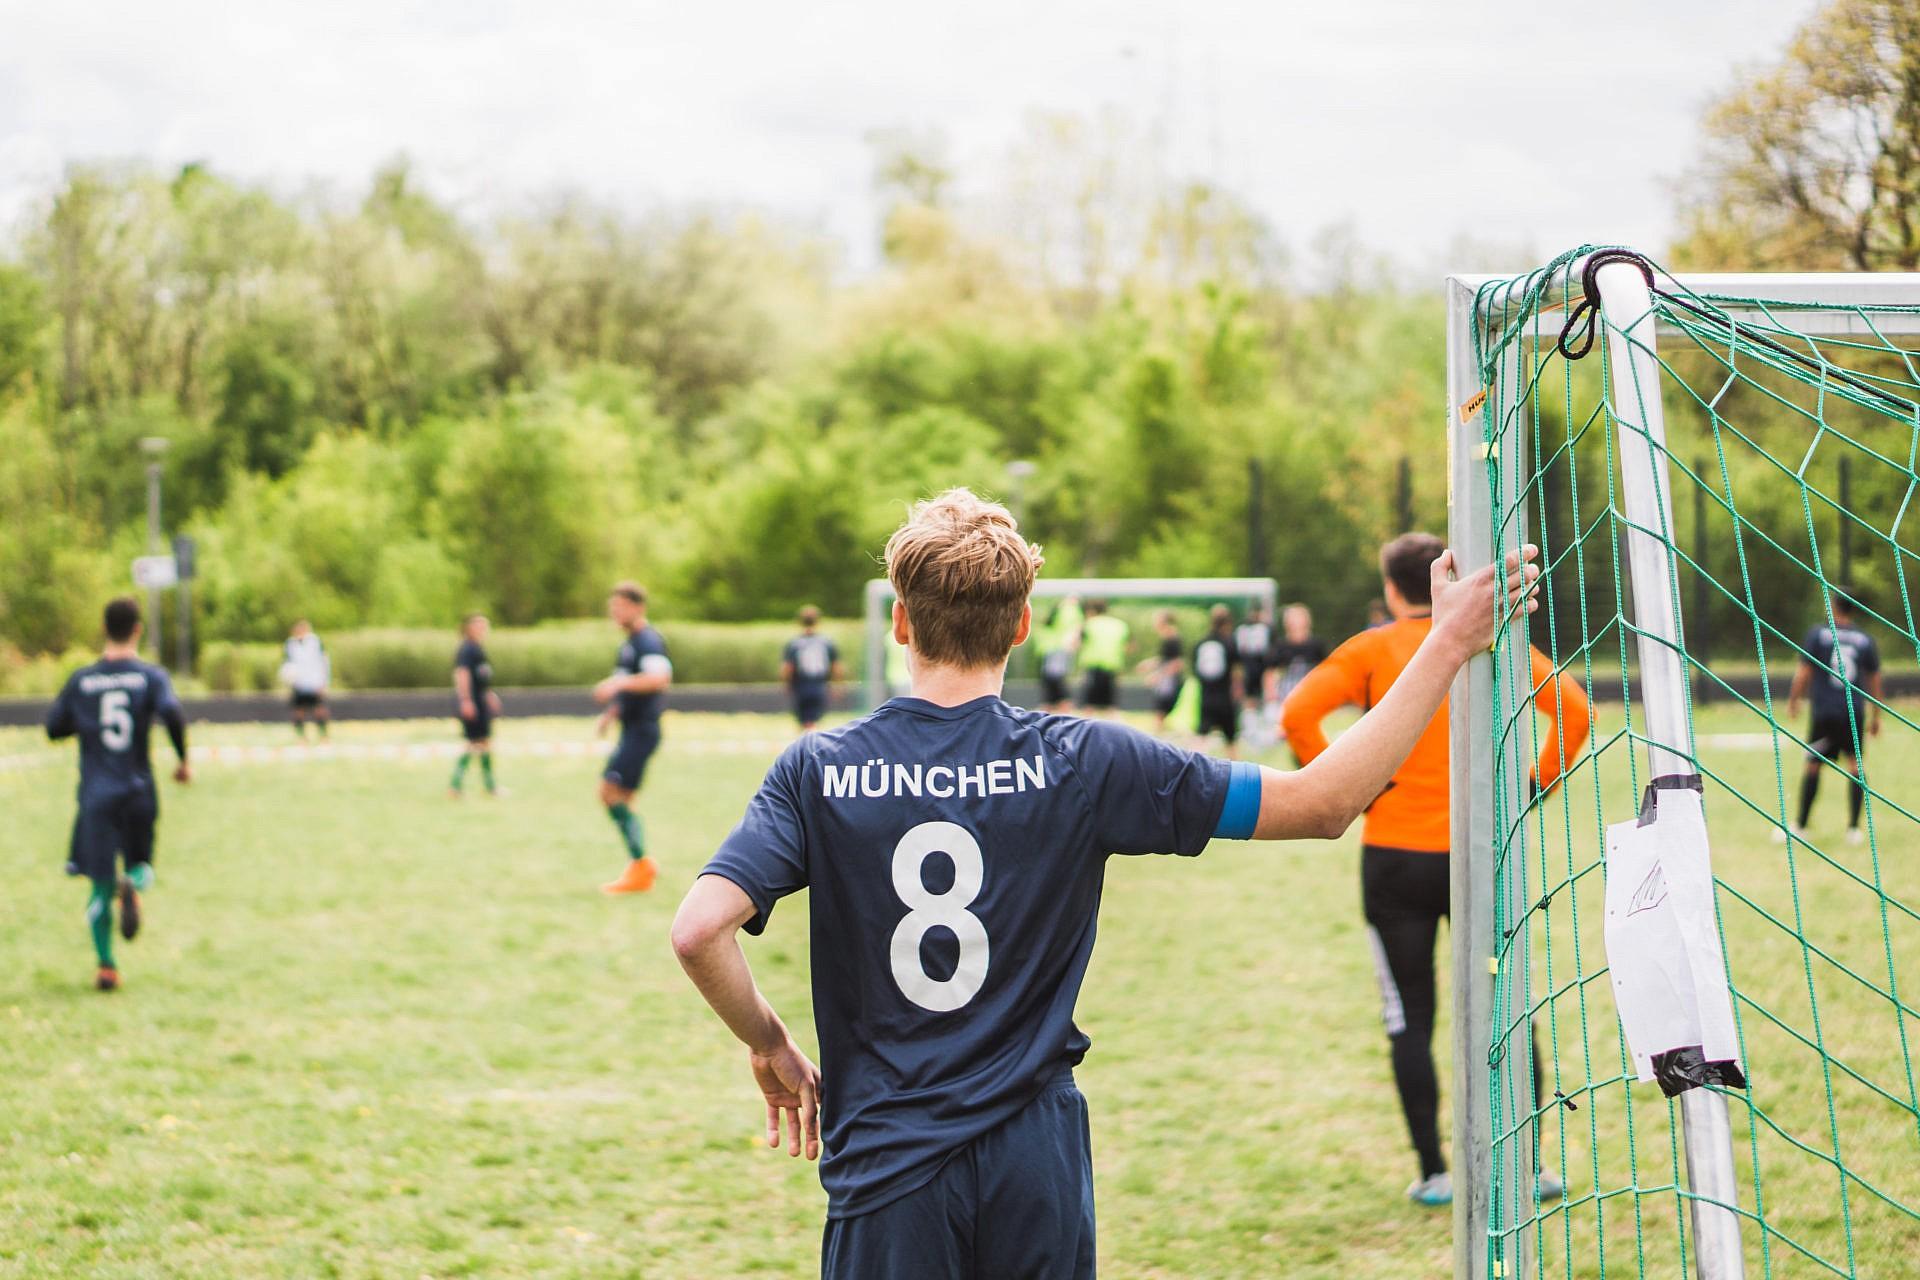 Großhadern Cup - Medimeister München